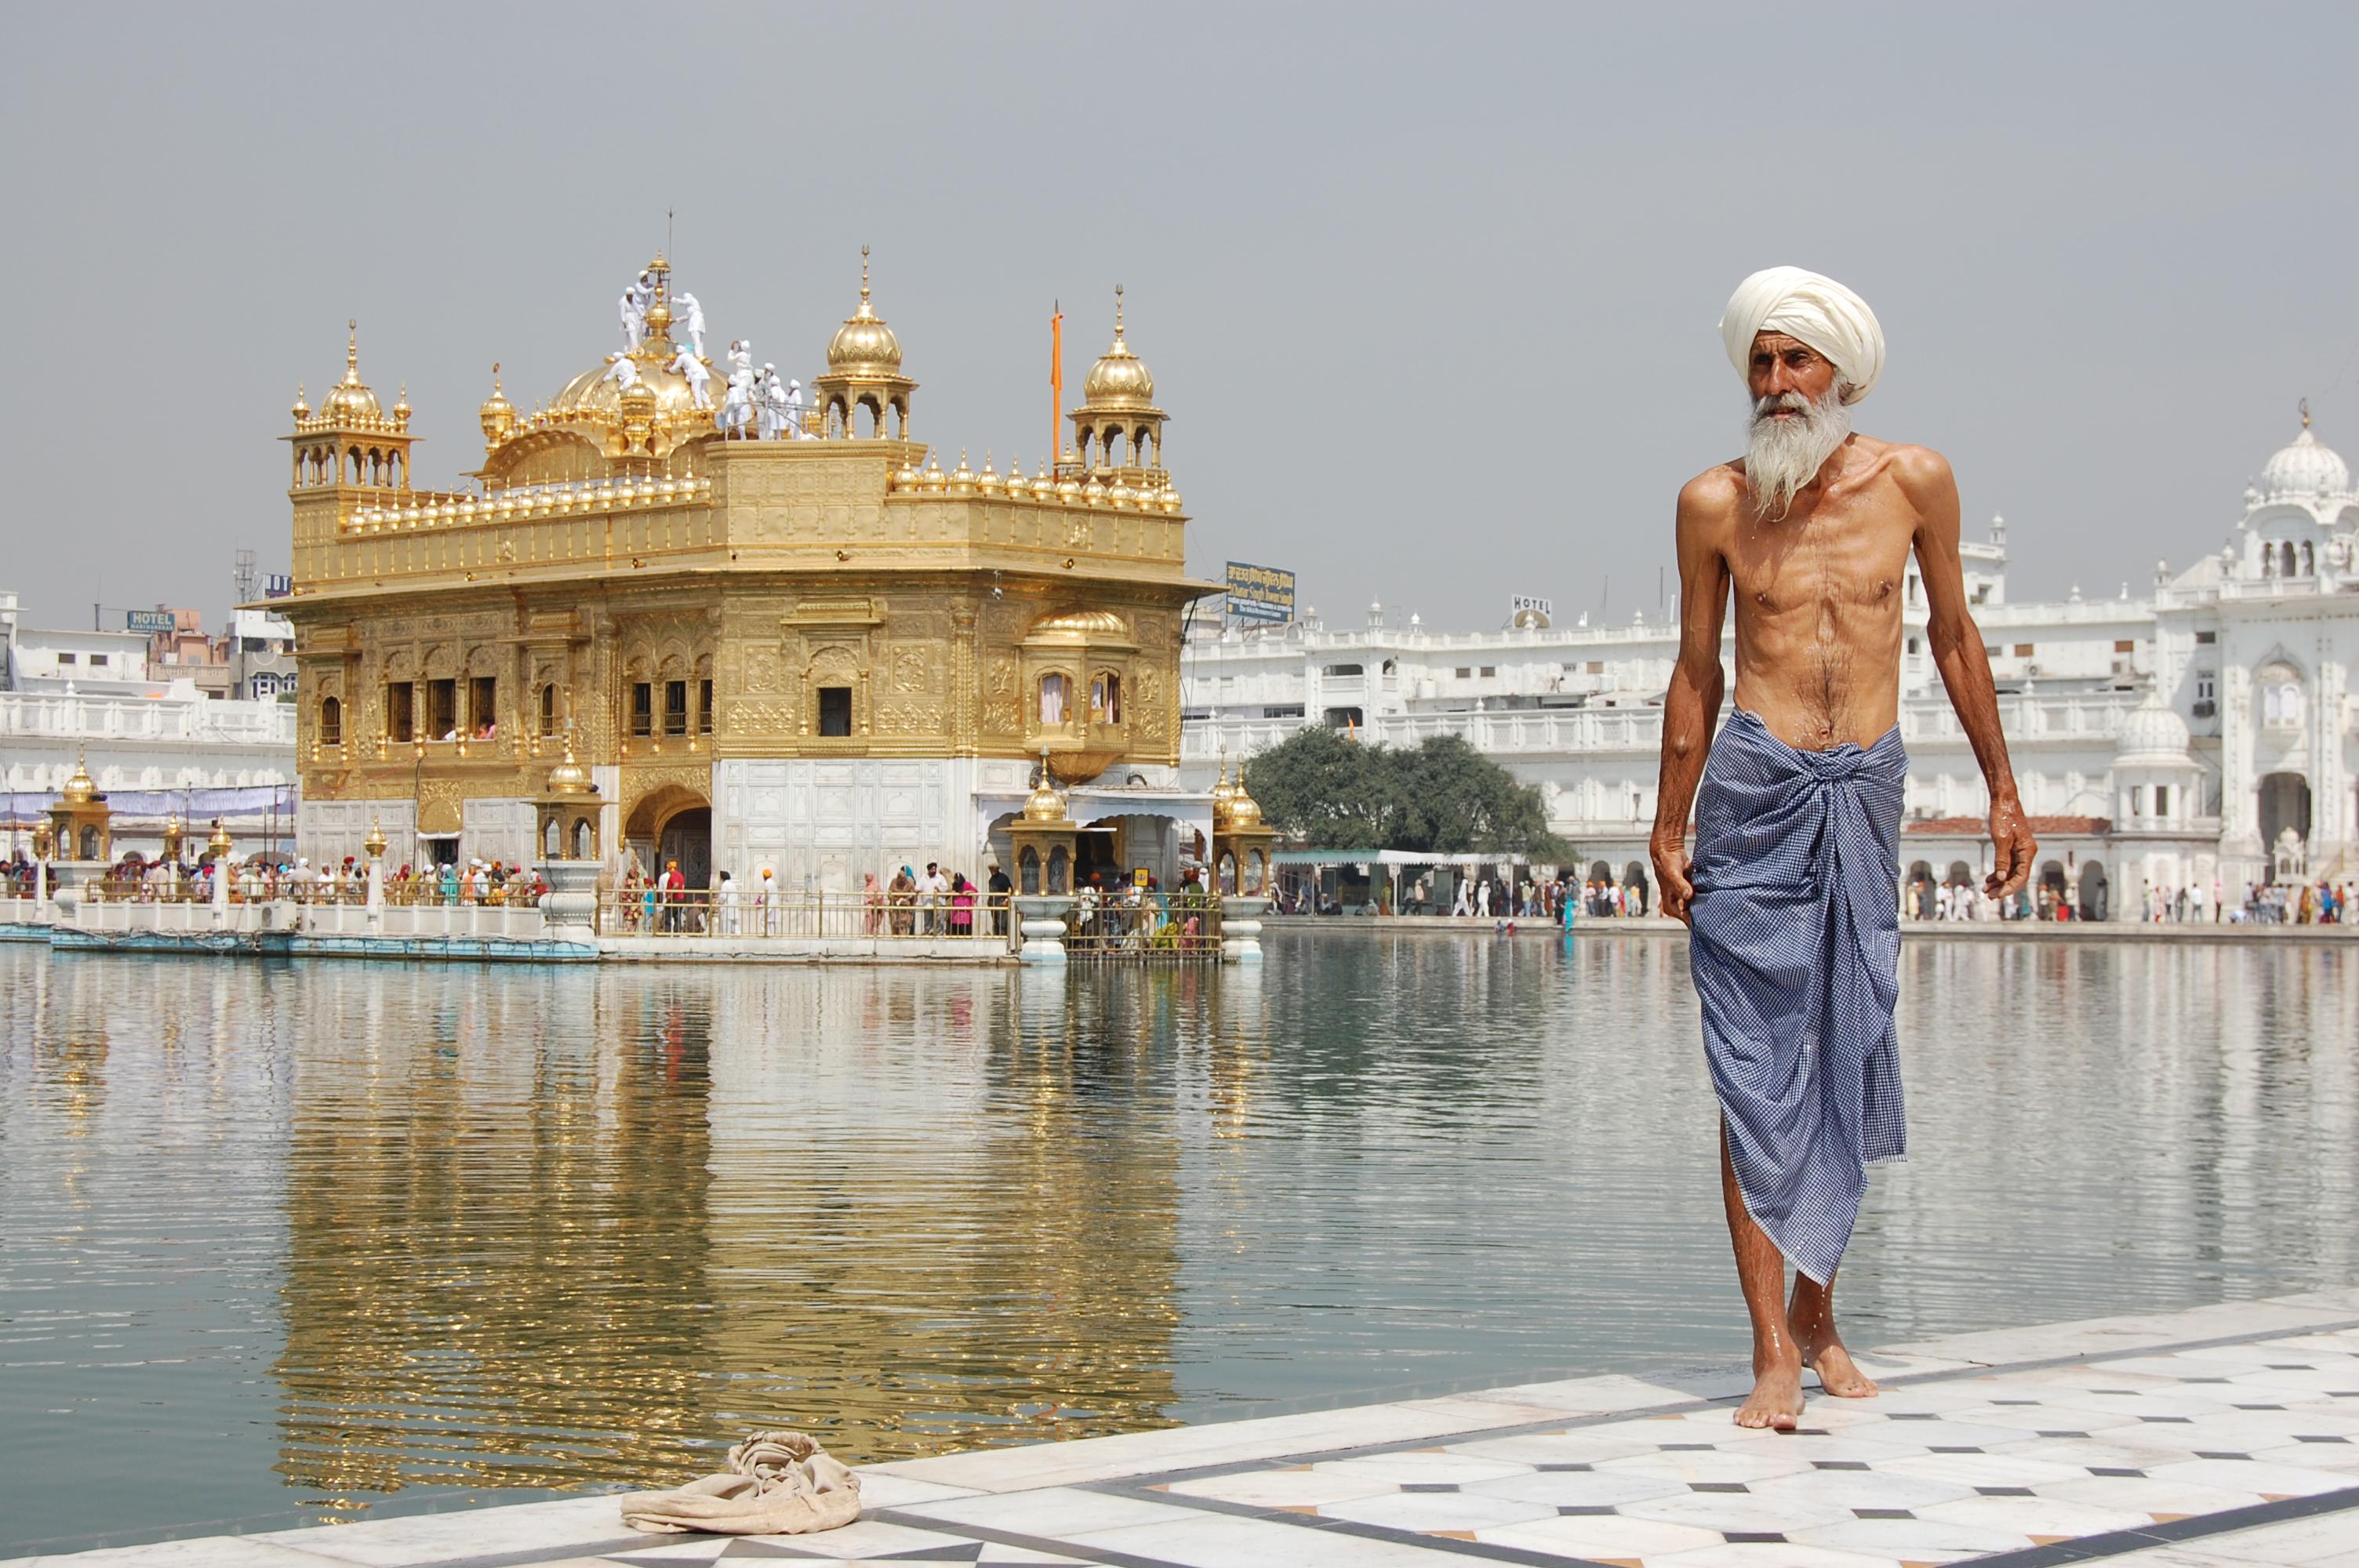 طائفة السيخ, رجل, أجمل الصور, أفضل, المعبد الذهبي, الهند, أمريتسار,